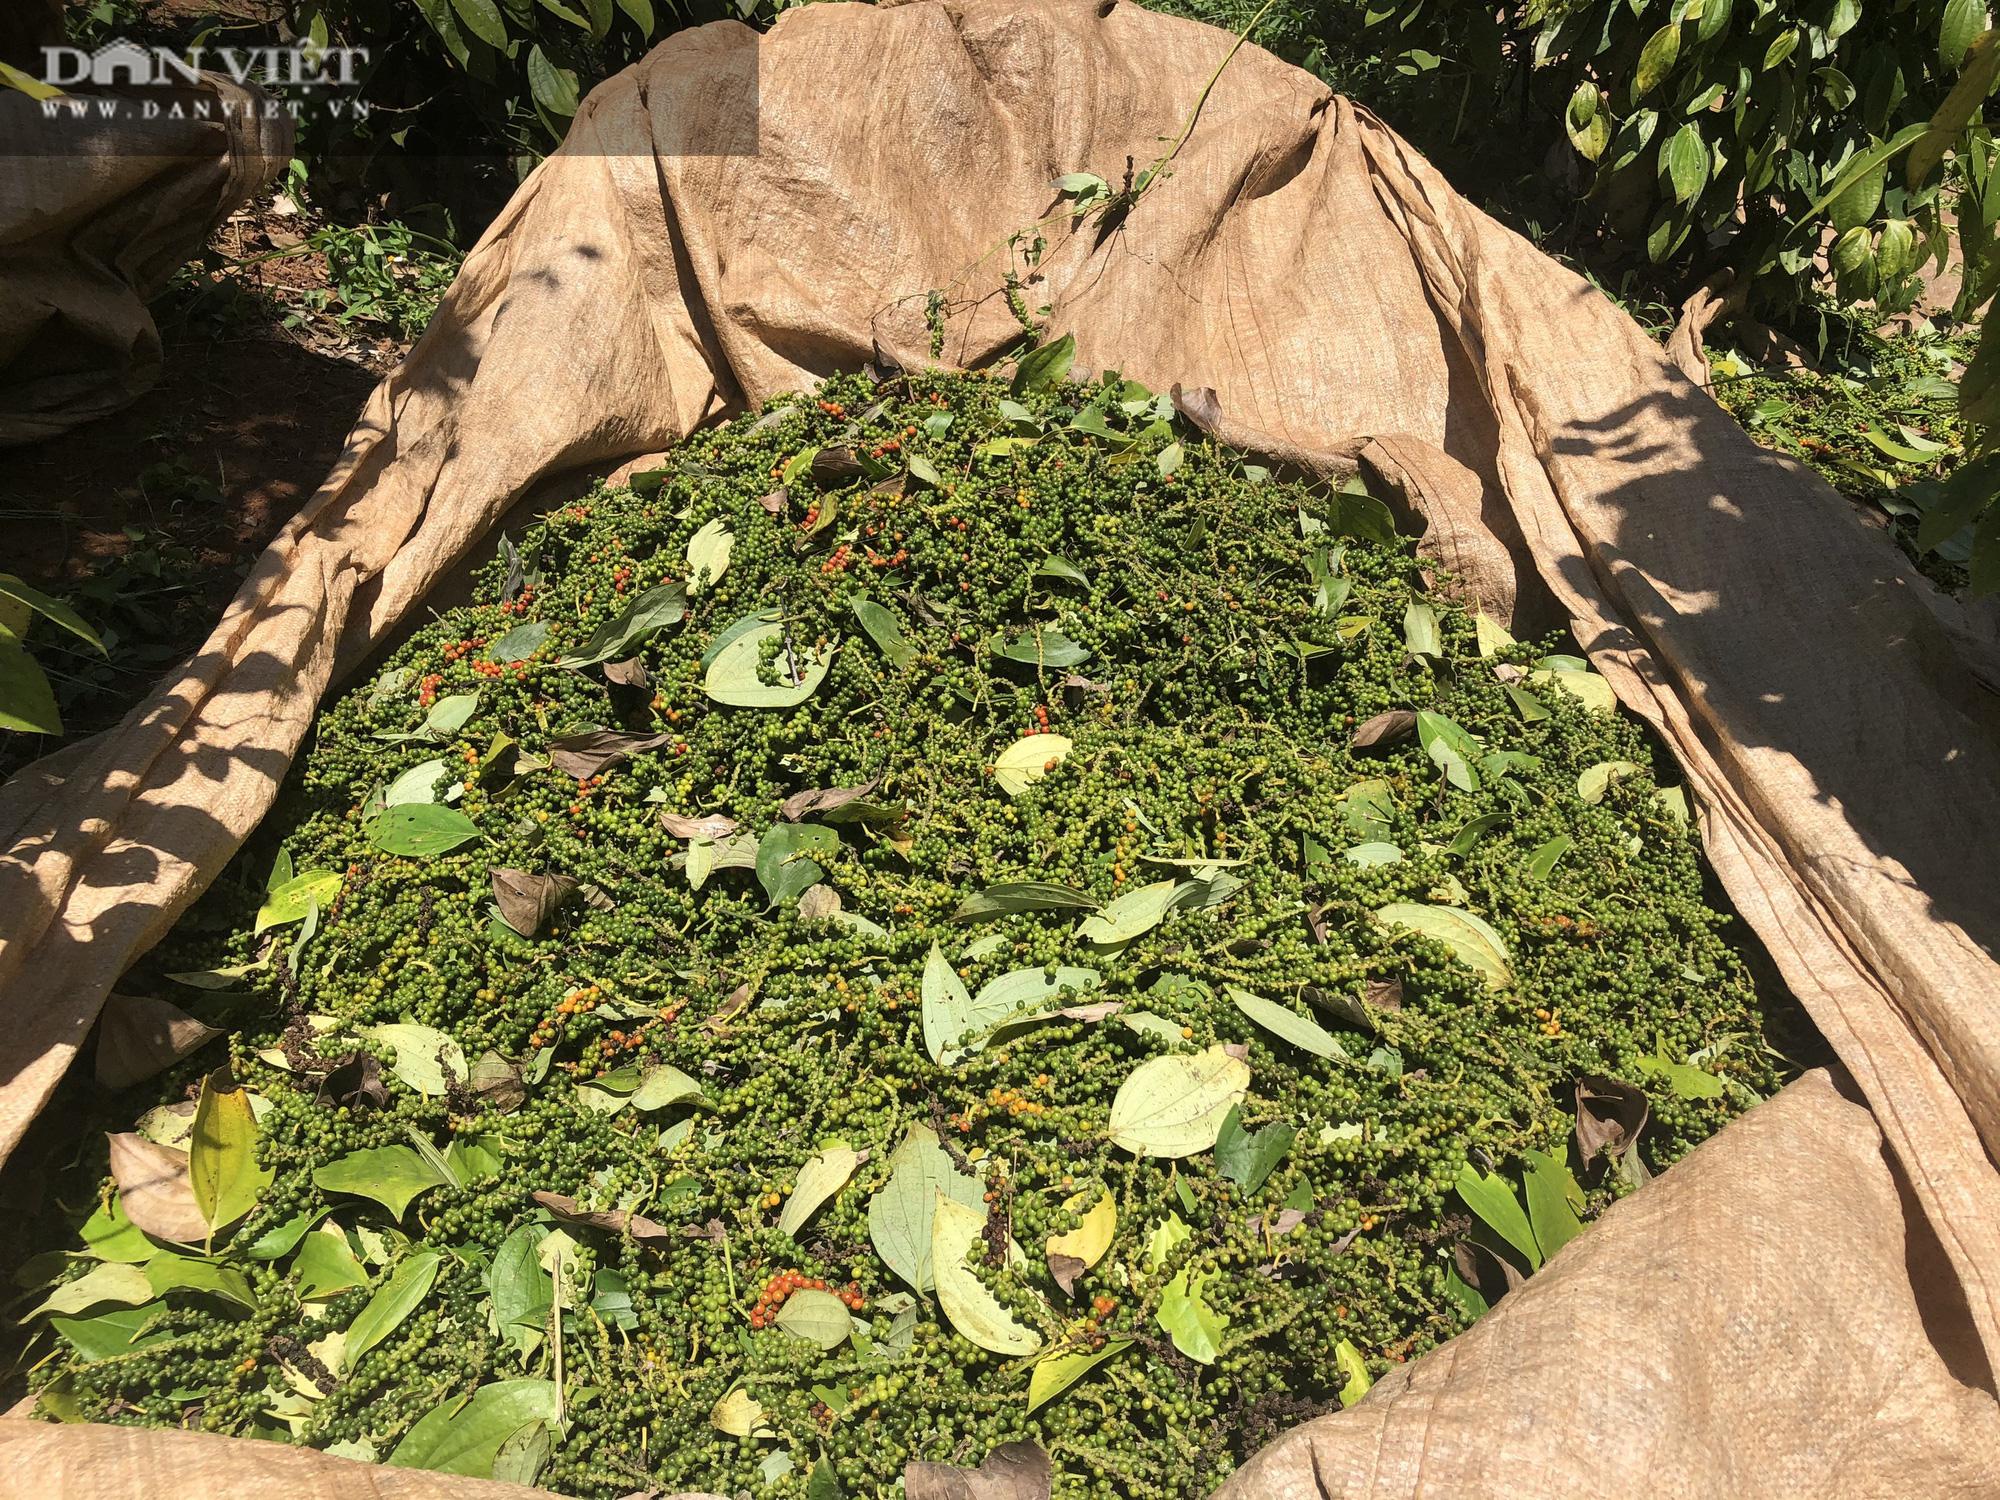 """Giá tiêu hôm nay 14/3: Việt Nam đã nhập khẩu bao nhiêu tấn hạt tiêu, nước nào """"ăn"""" nhiều hạt tiêu Việt nhất?  - Ảnh 2."""